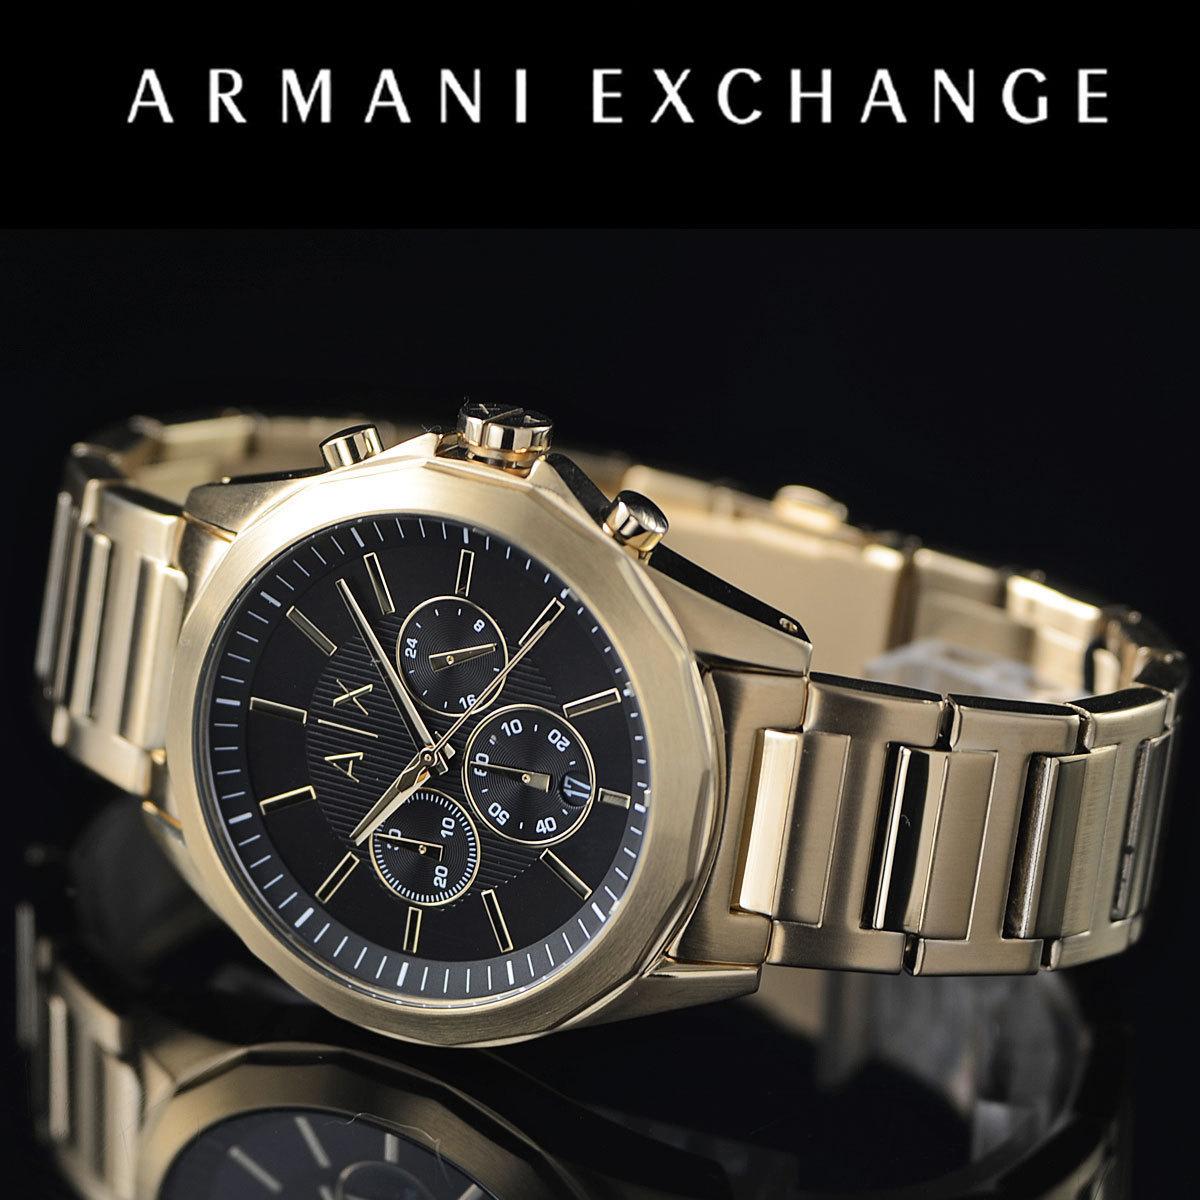 1円!アルマーニ・エクスチェンジ ARMANI EXCHANGE全身ゴールド100m防水クロノグラフ AX2611 本物 未使用 腕時計 メンズ